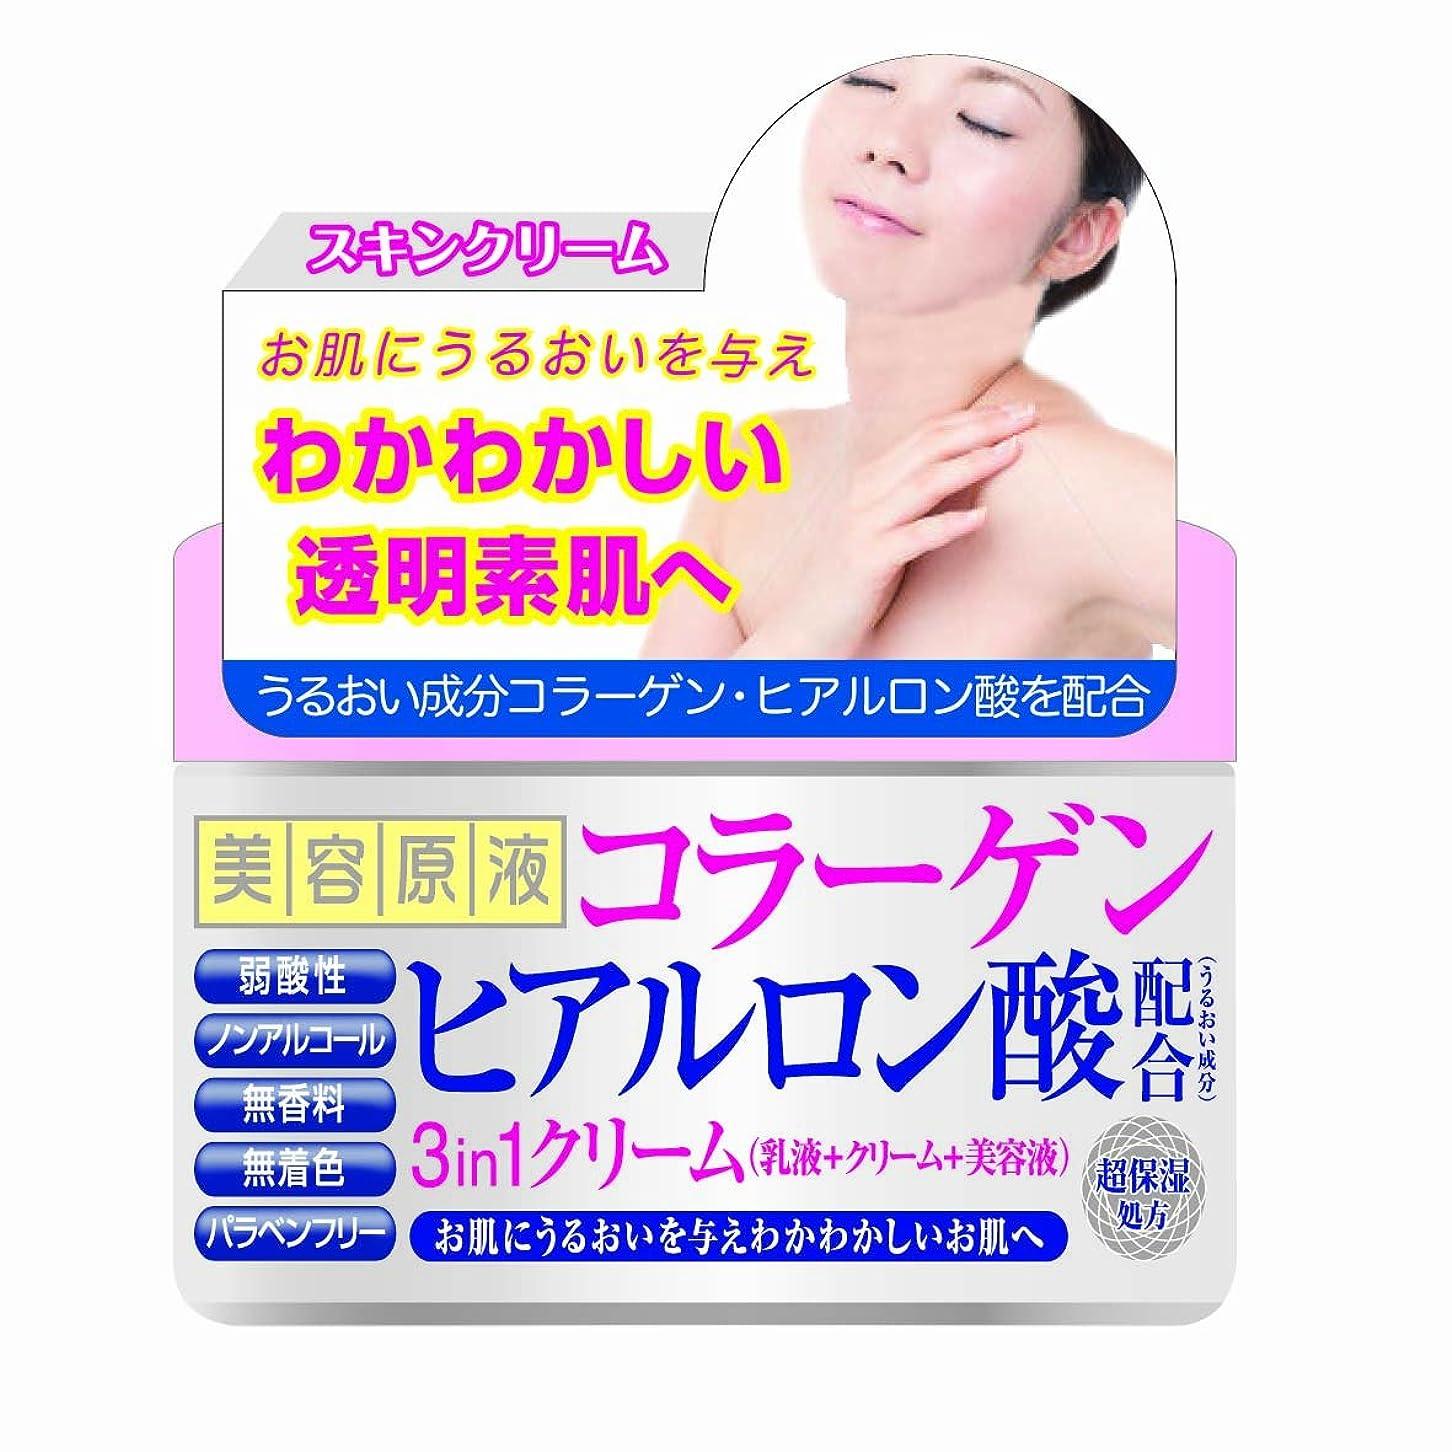 オプショナル新鮮な密美容原液 スリーインワンクリームCH(コラーゲン?ヒアルロン酸) 180g